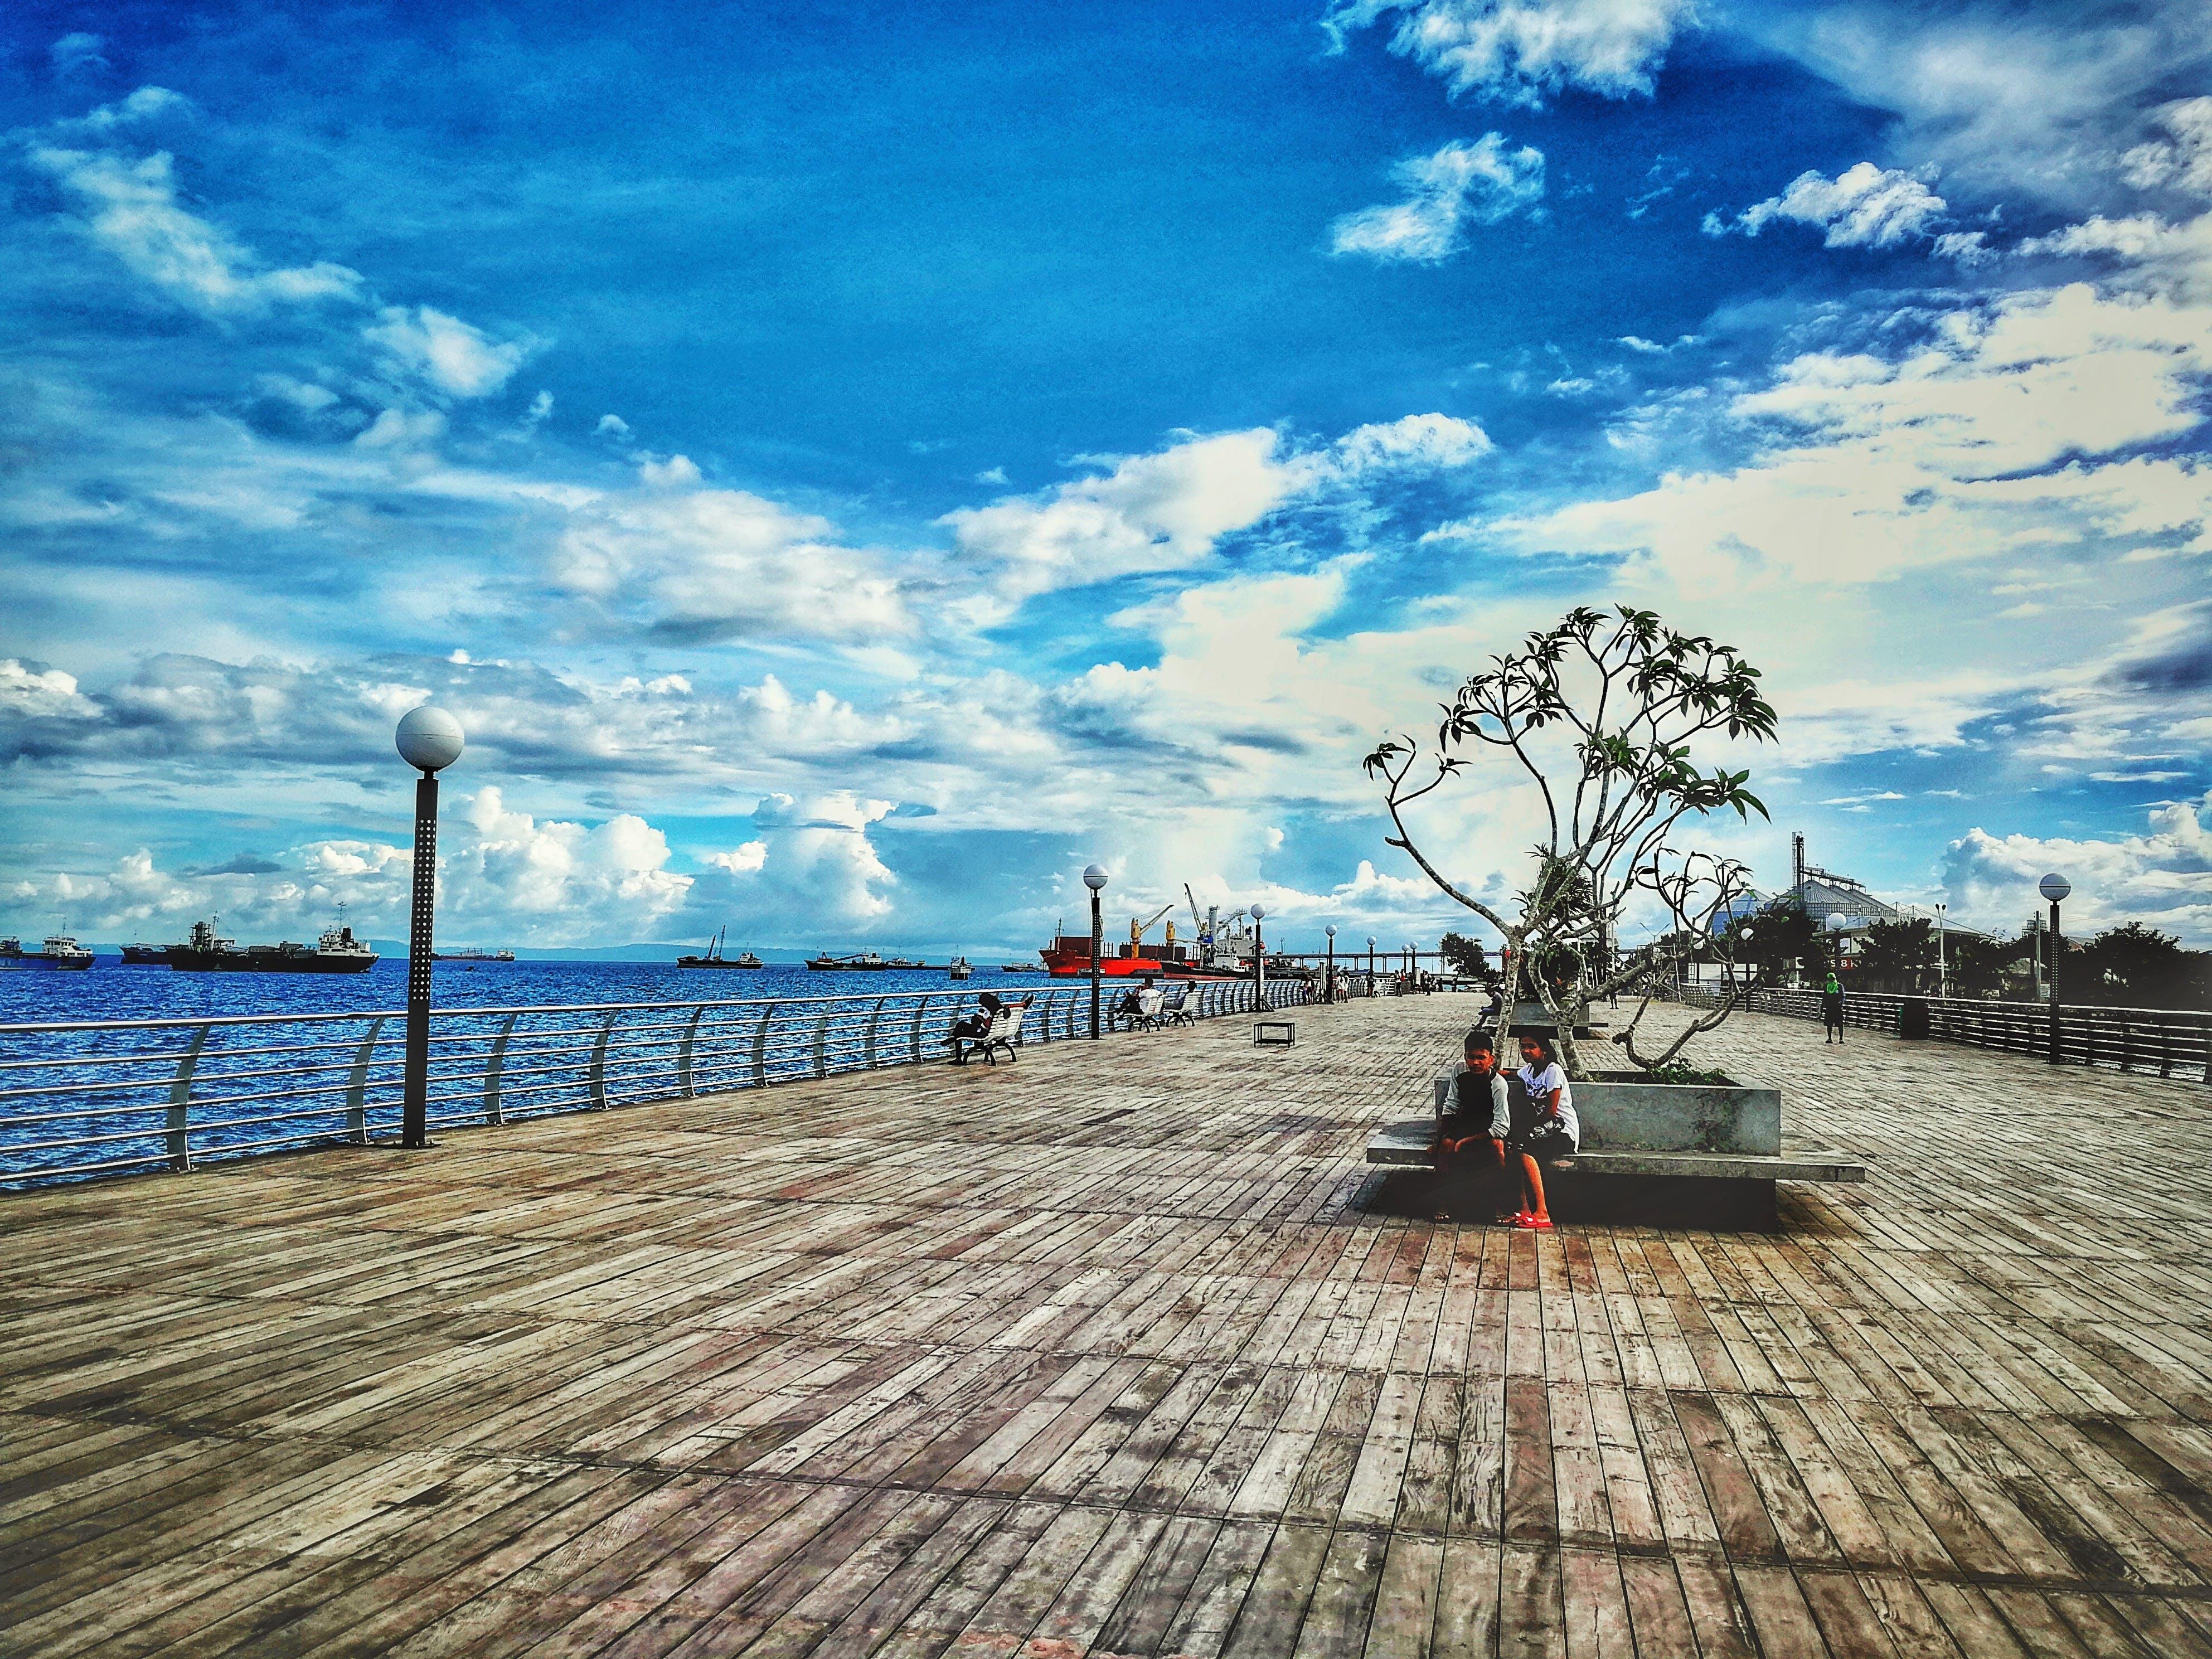 구름, 나무 판자, 마리나, 만의 무료 스톡 사진